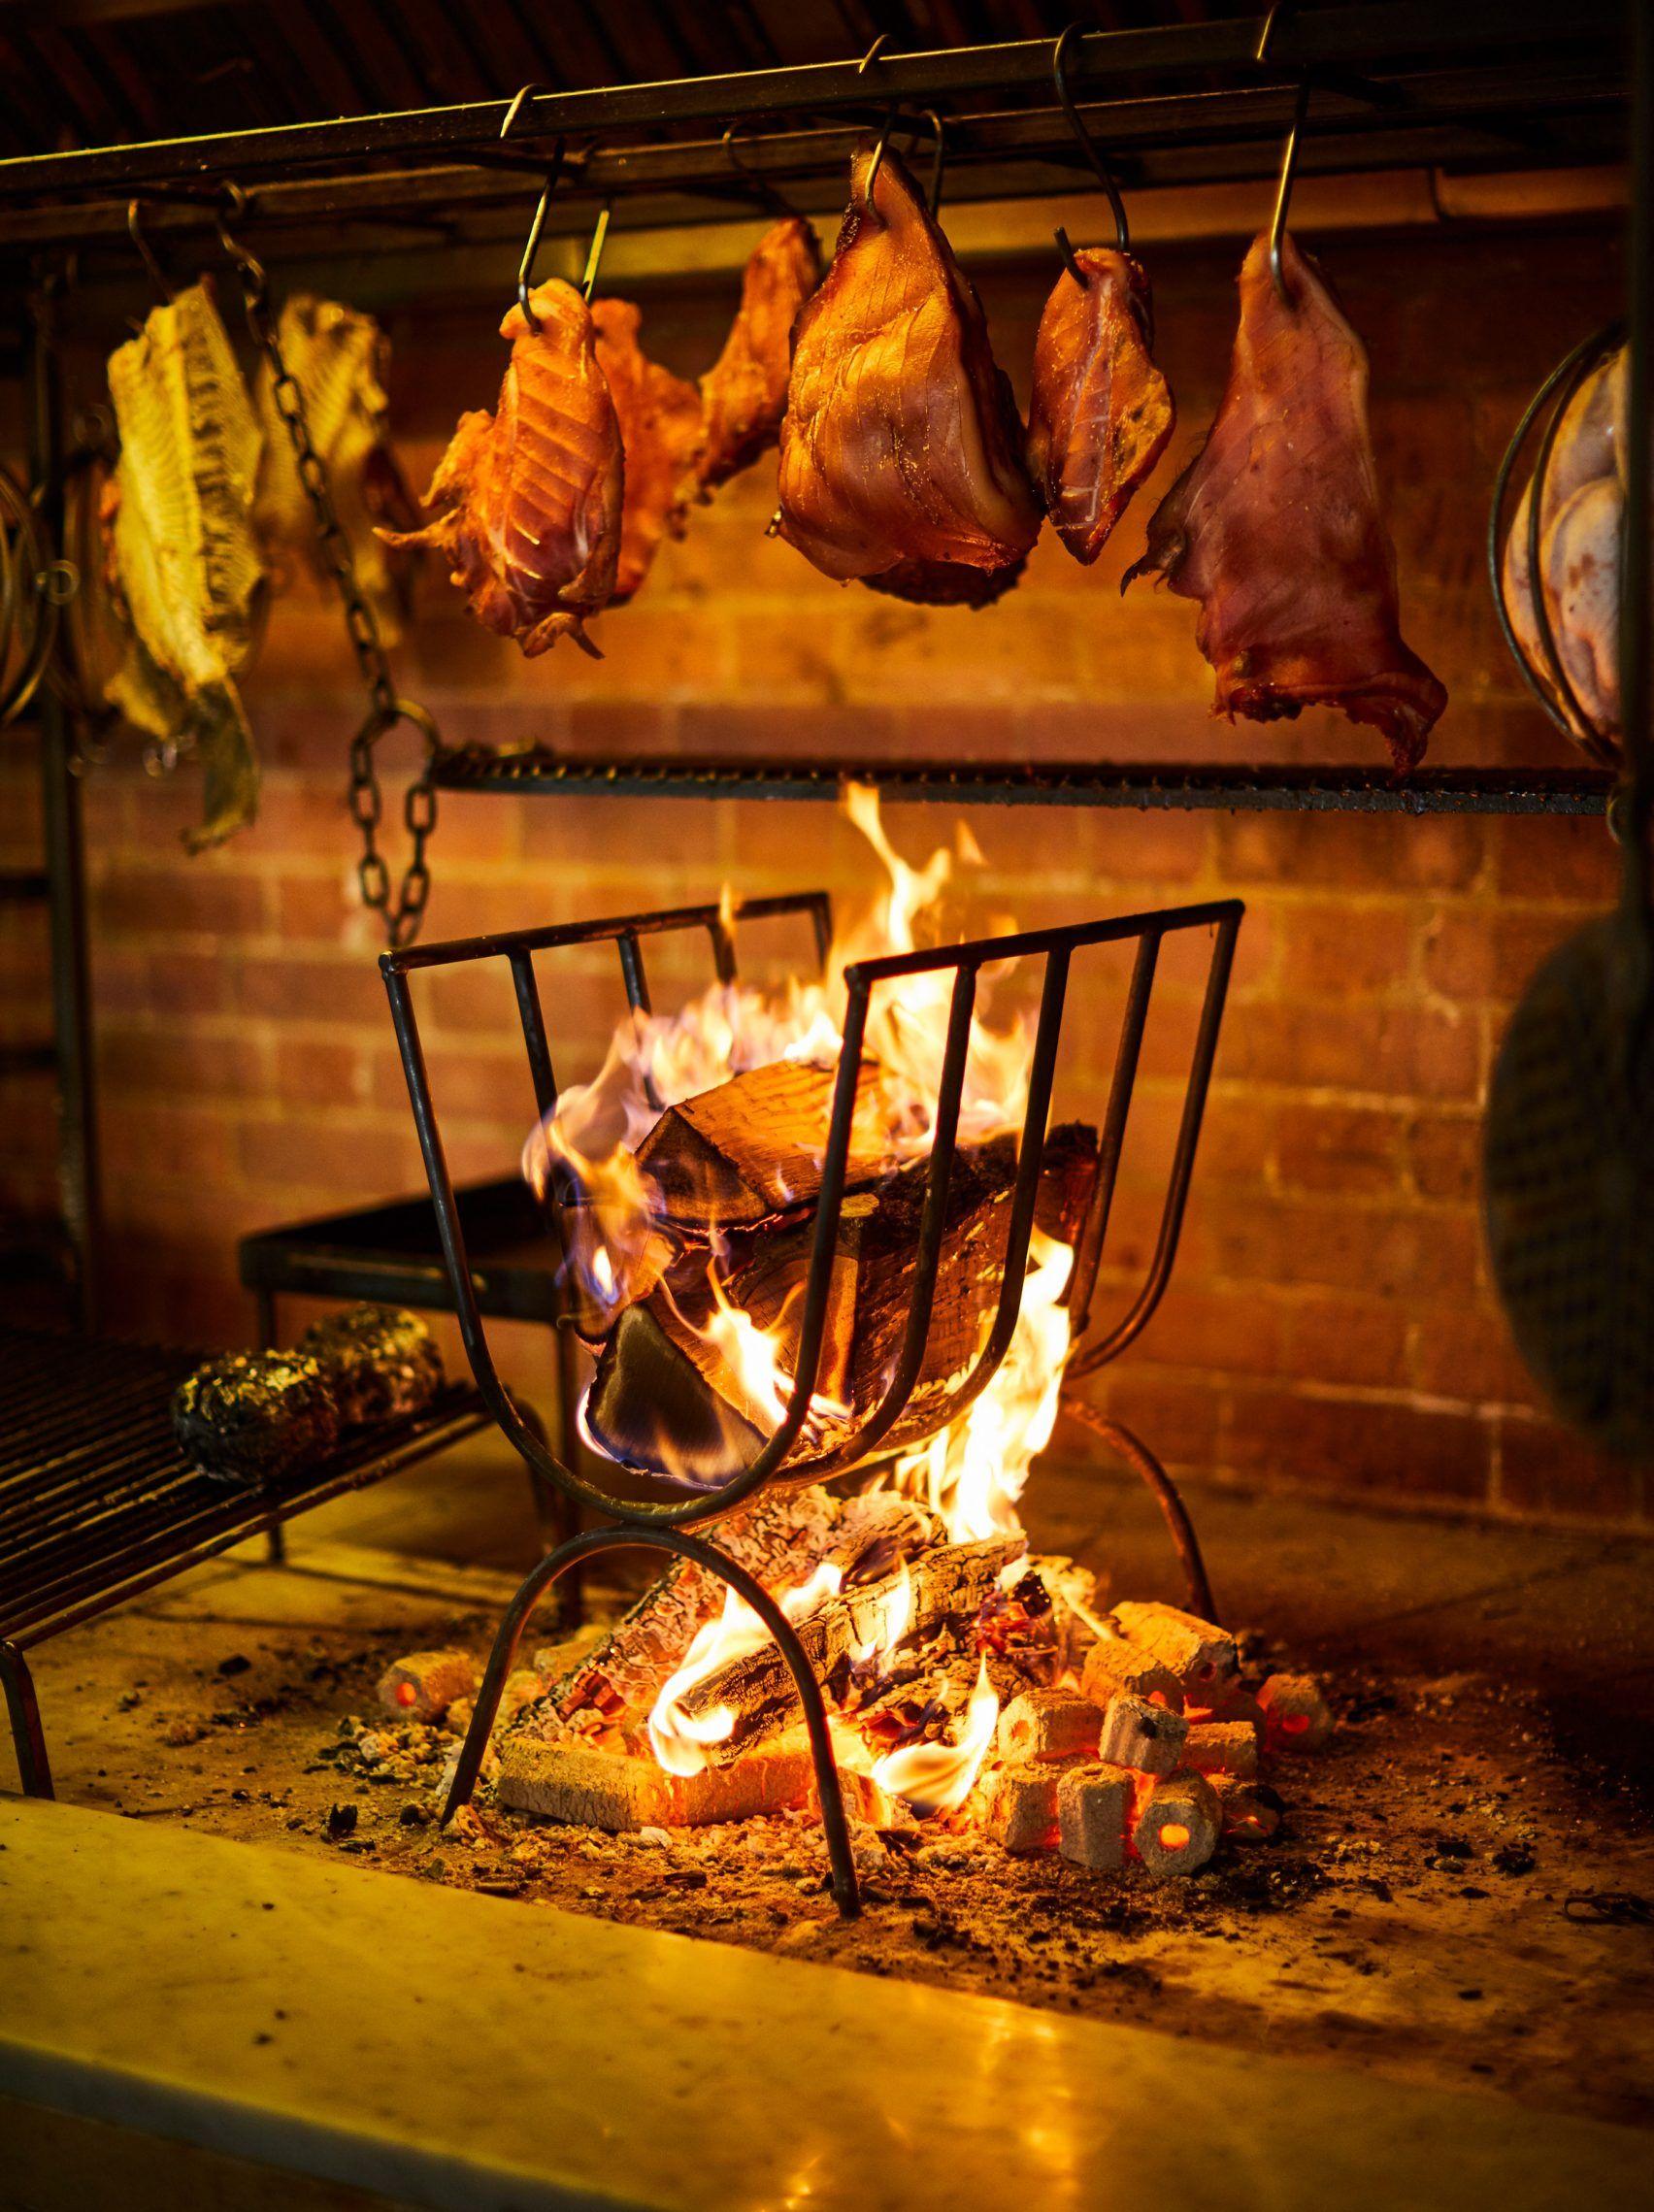 St Leonard S Restaurant Open Fire Cooking Fire Cooking Fireplace Cooking